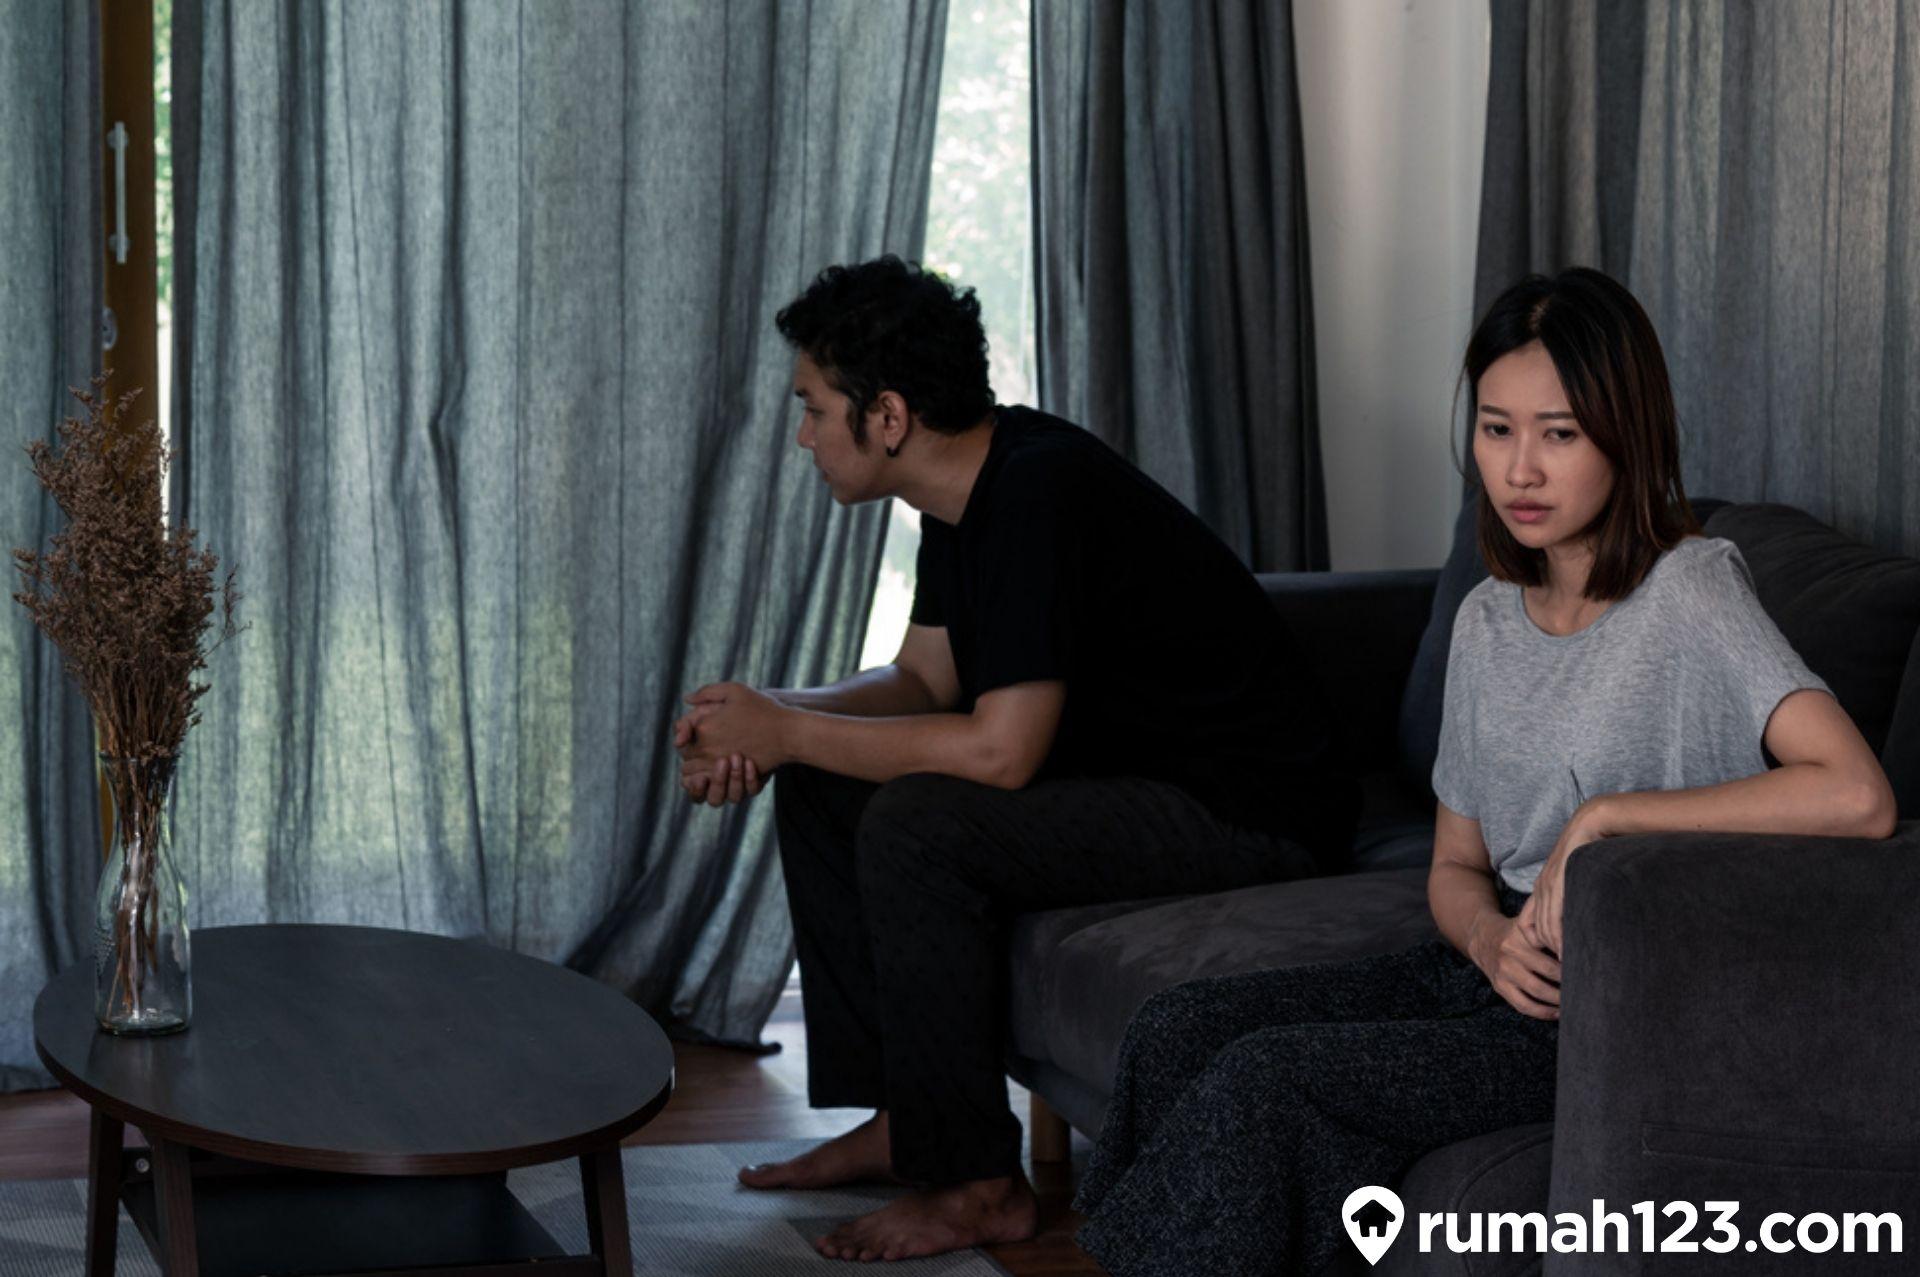 Menjual Rumah Setelah Bercerai? Begini Aturan Pembagian Harta Gono-Gini